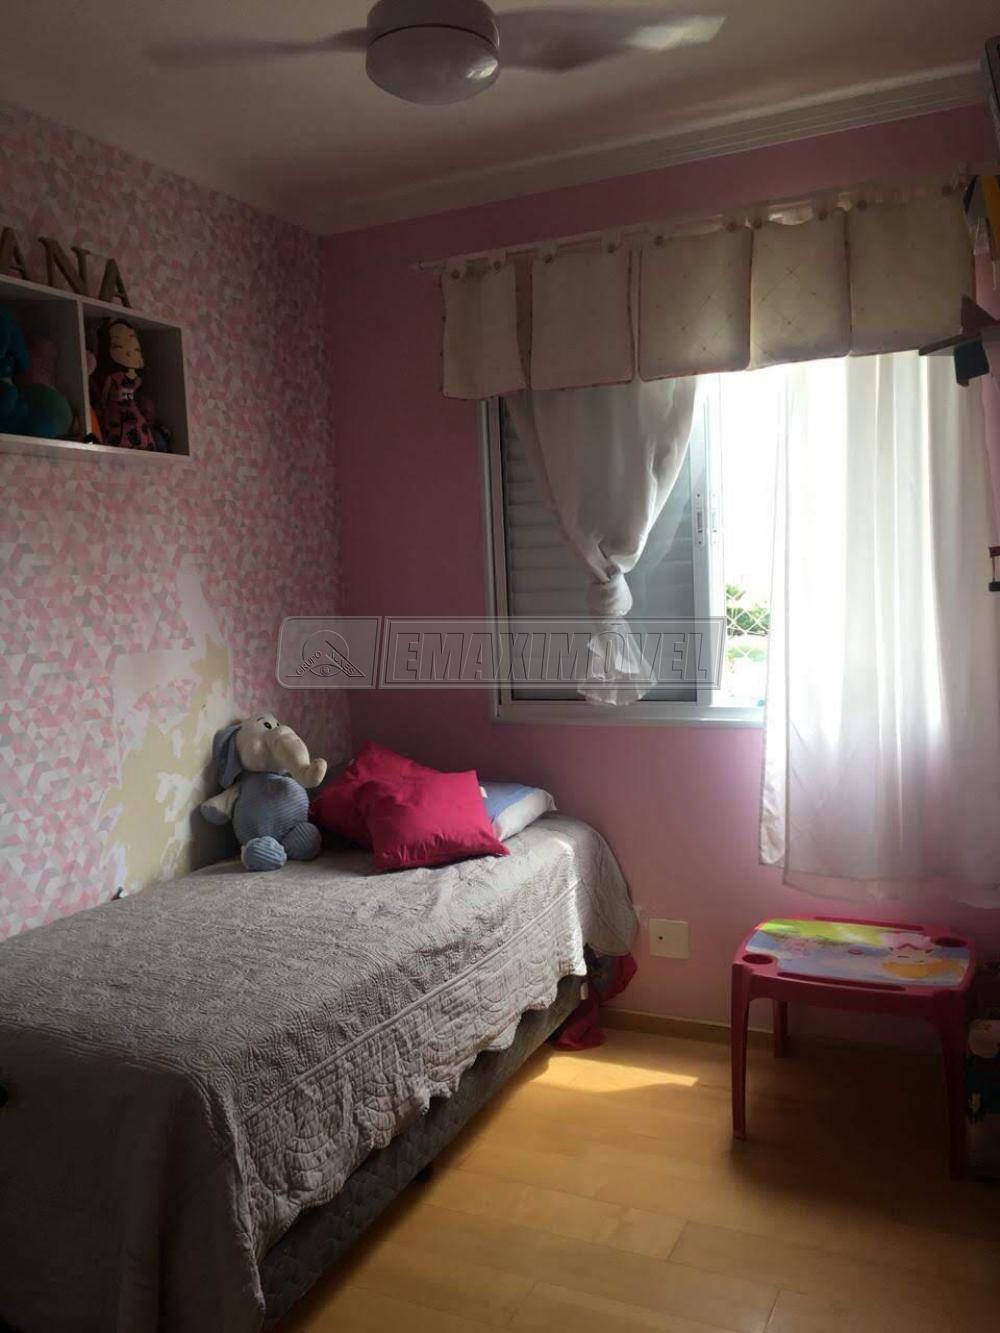 Comprar Apartamentos / Apto Padrão em Sorocaba apenas R$ 265.000,00 - Foto 8